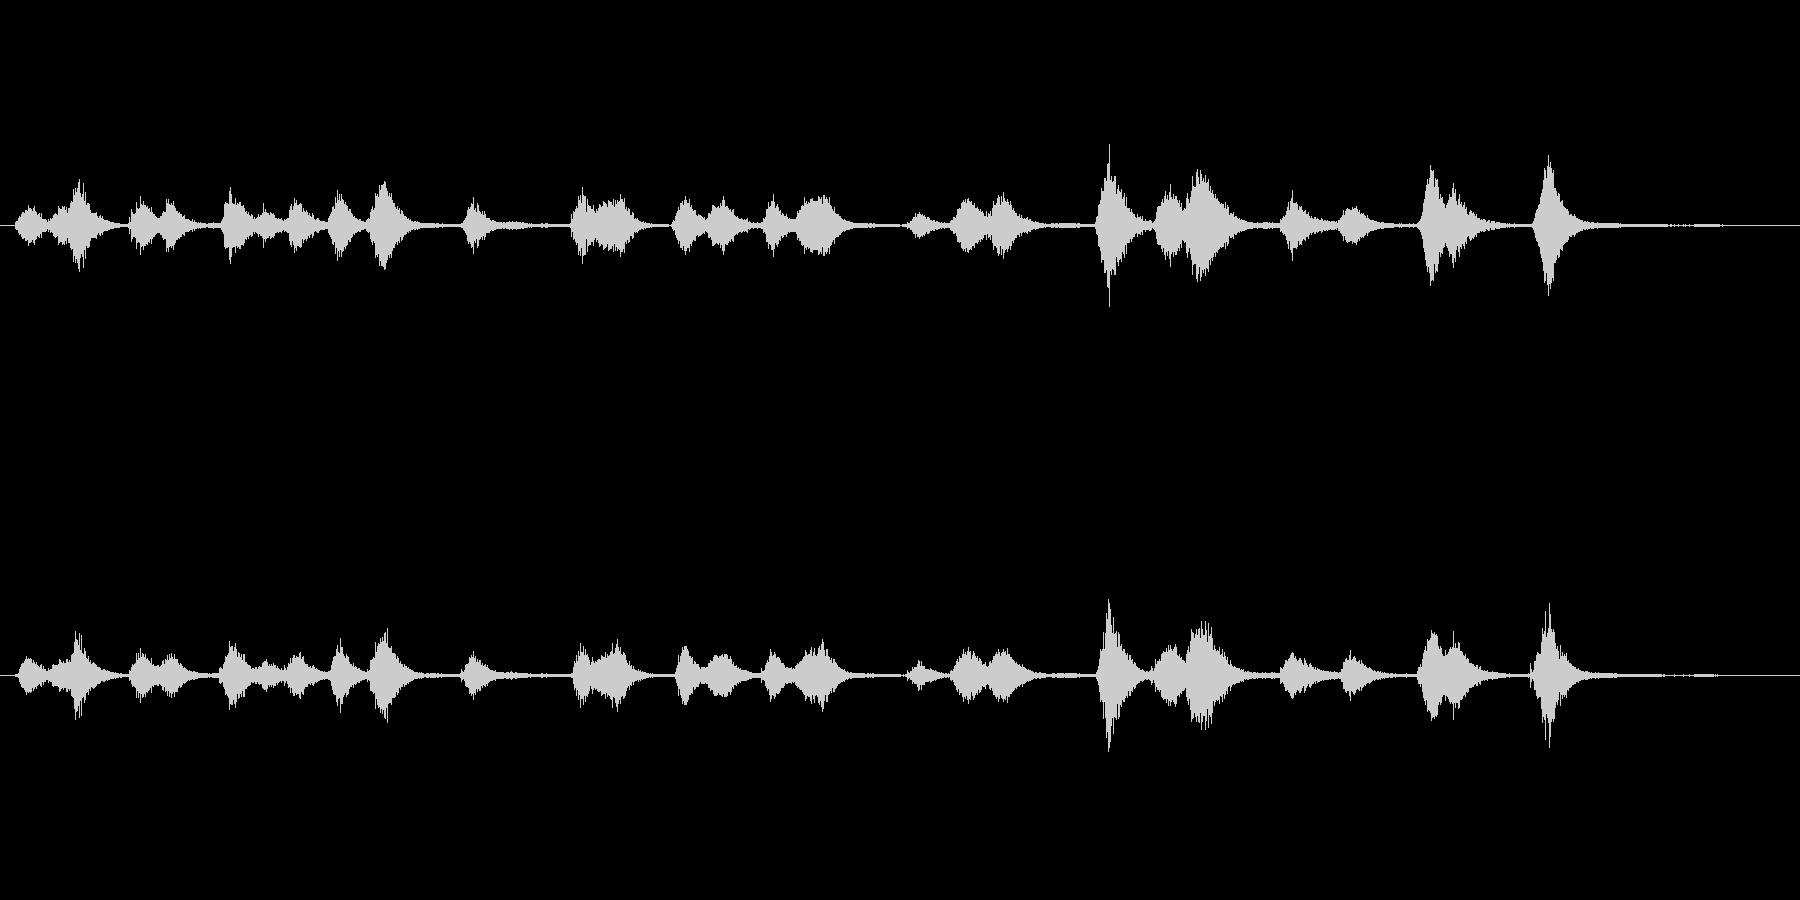 キラキラ星空ウィンドチャイム Starの未再生の波形